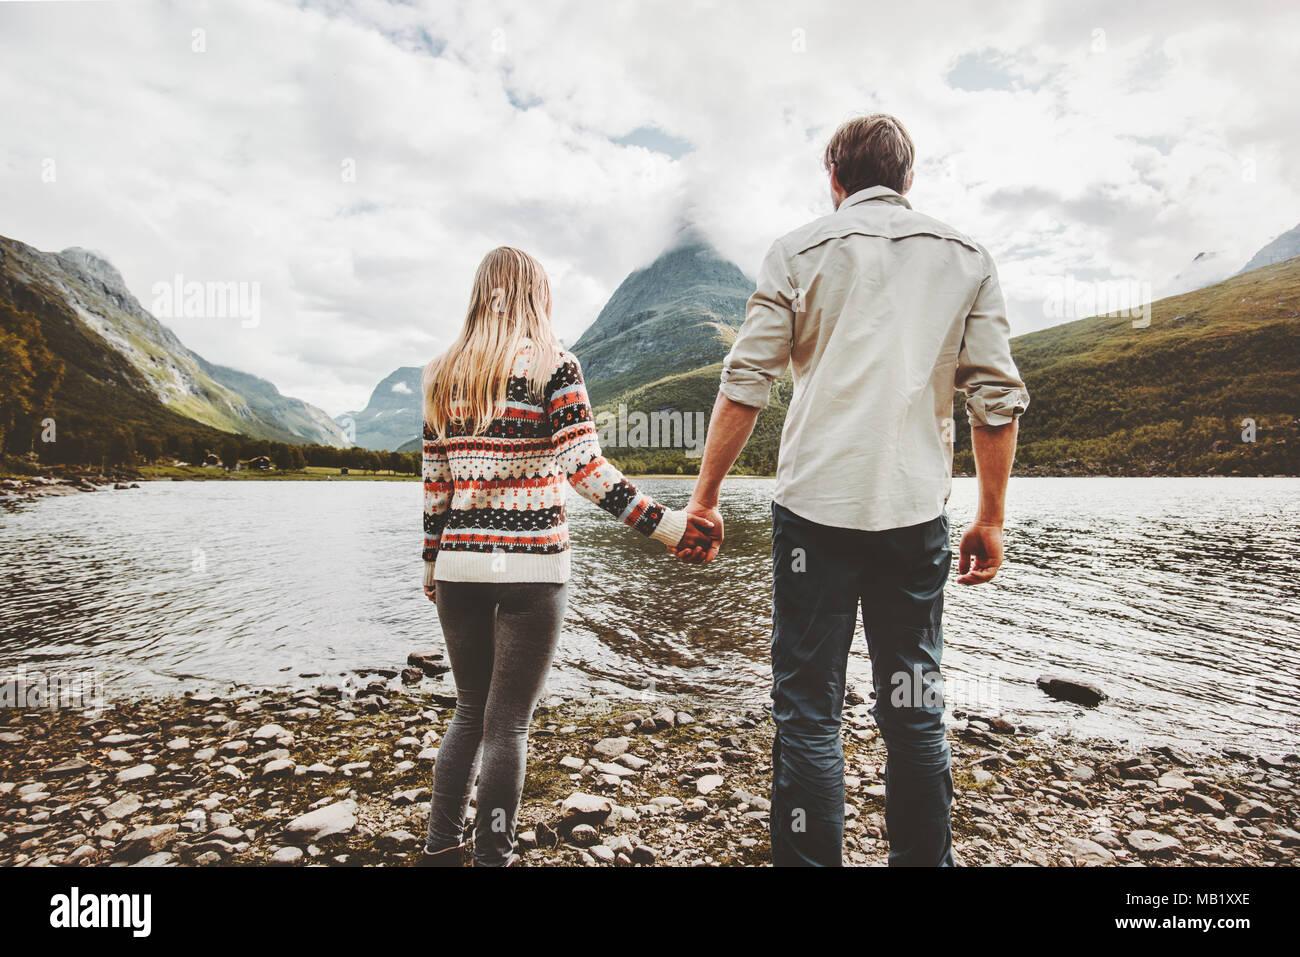 Paar Mann und Frau halten sich an den Händen Berge und Seeblick zusammen reisen Abenteuer lifestyle Konzept Ferien im Freien genießen. Stockbild